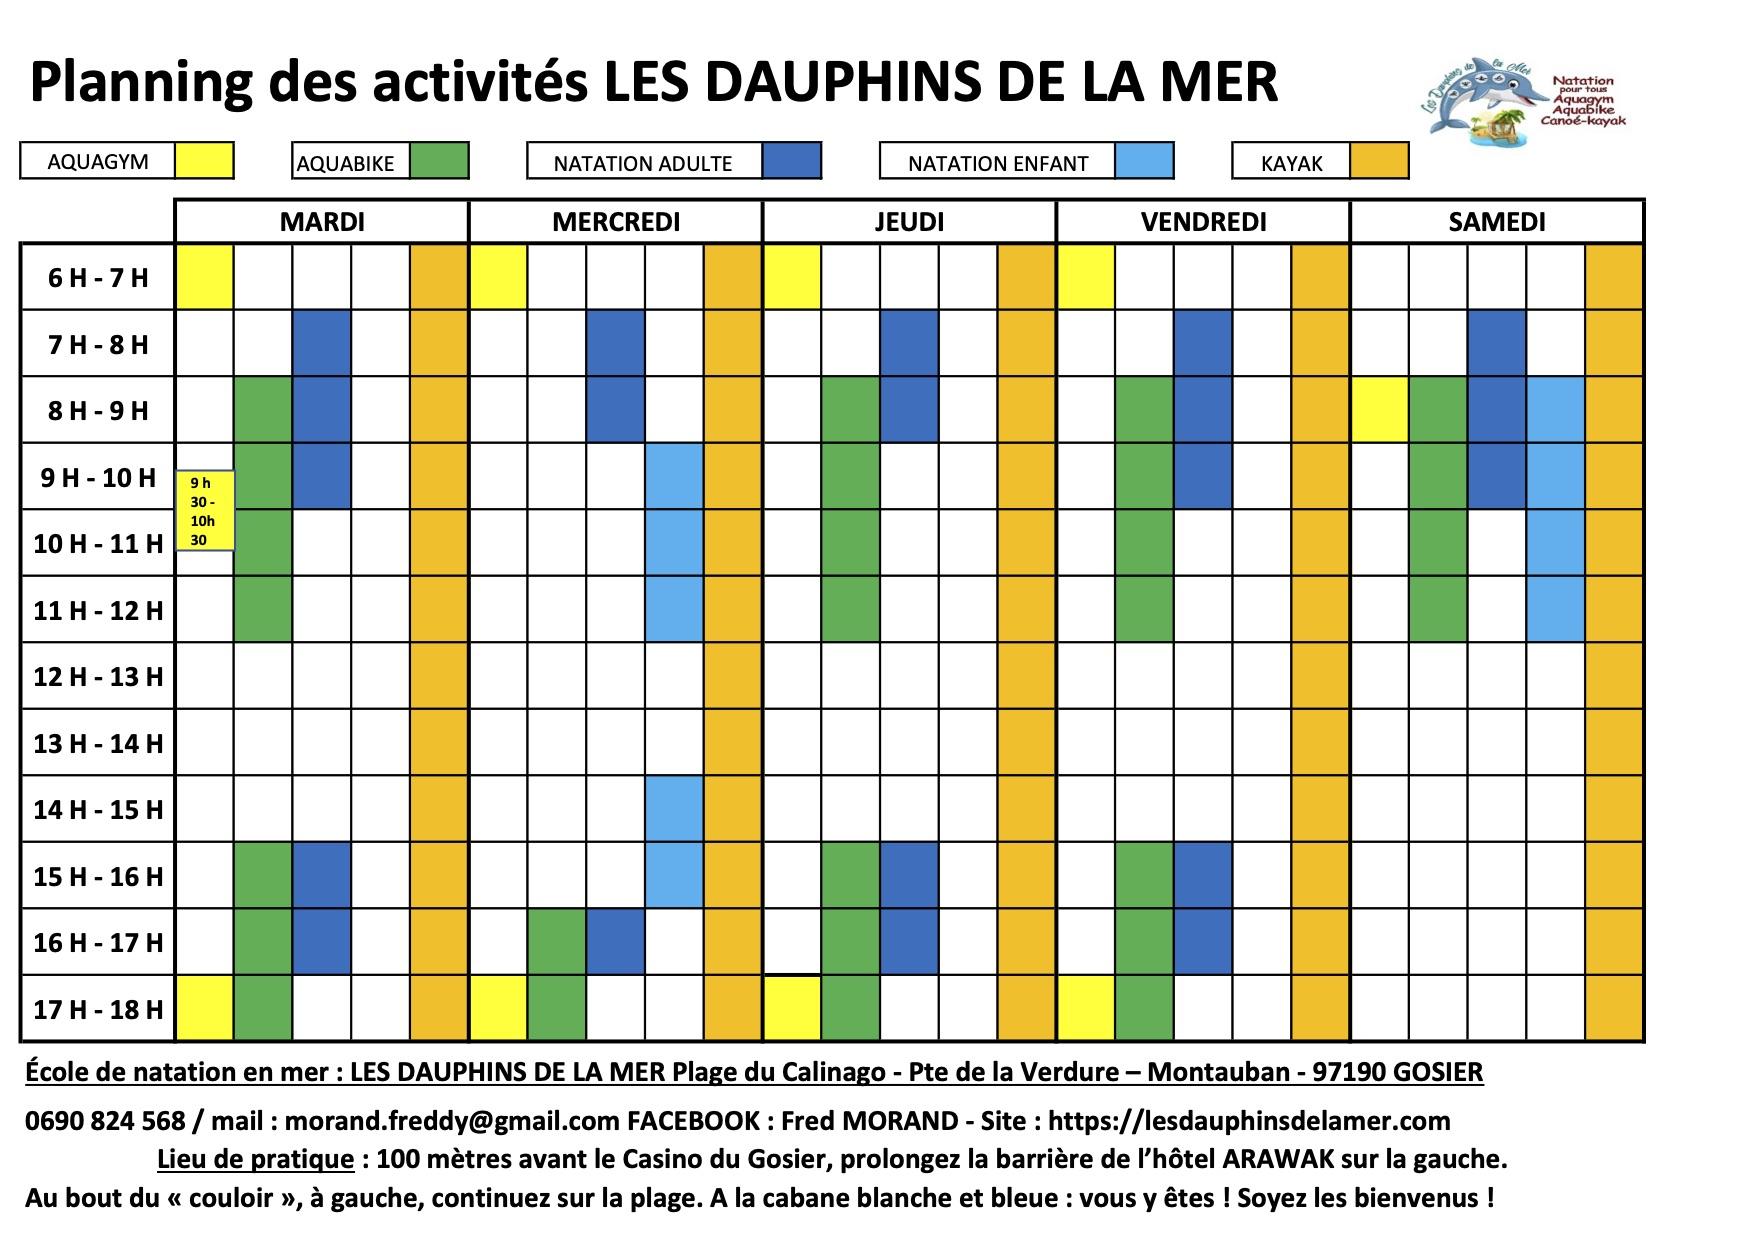 PLANNING DES ACTIVITES OCTOBRE 2020 JOURS